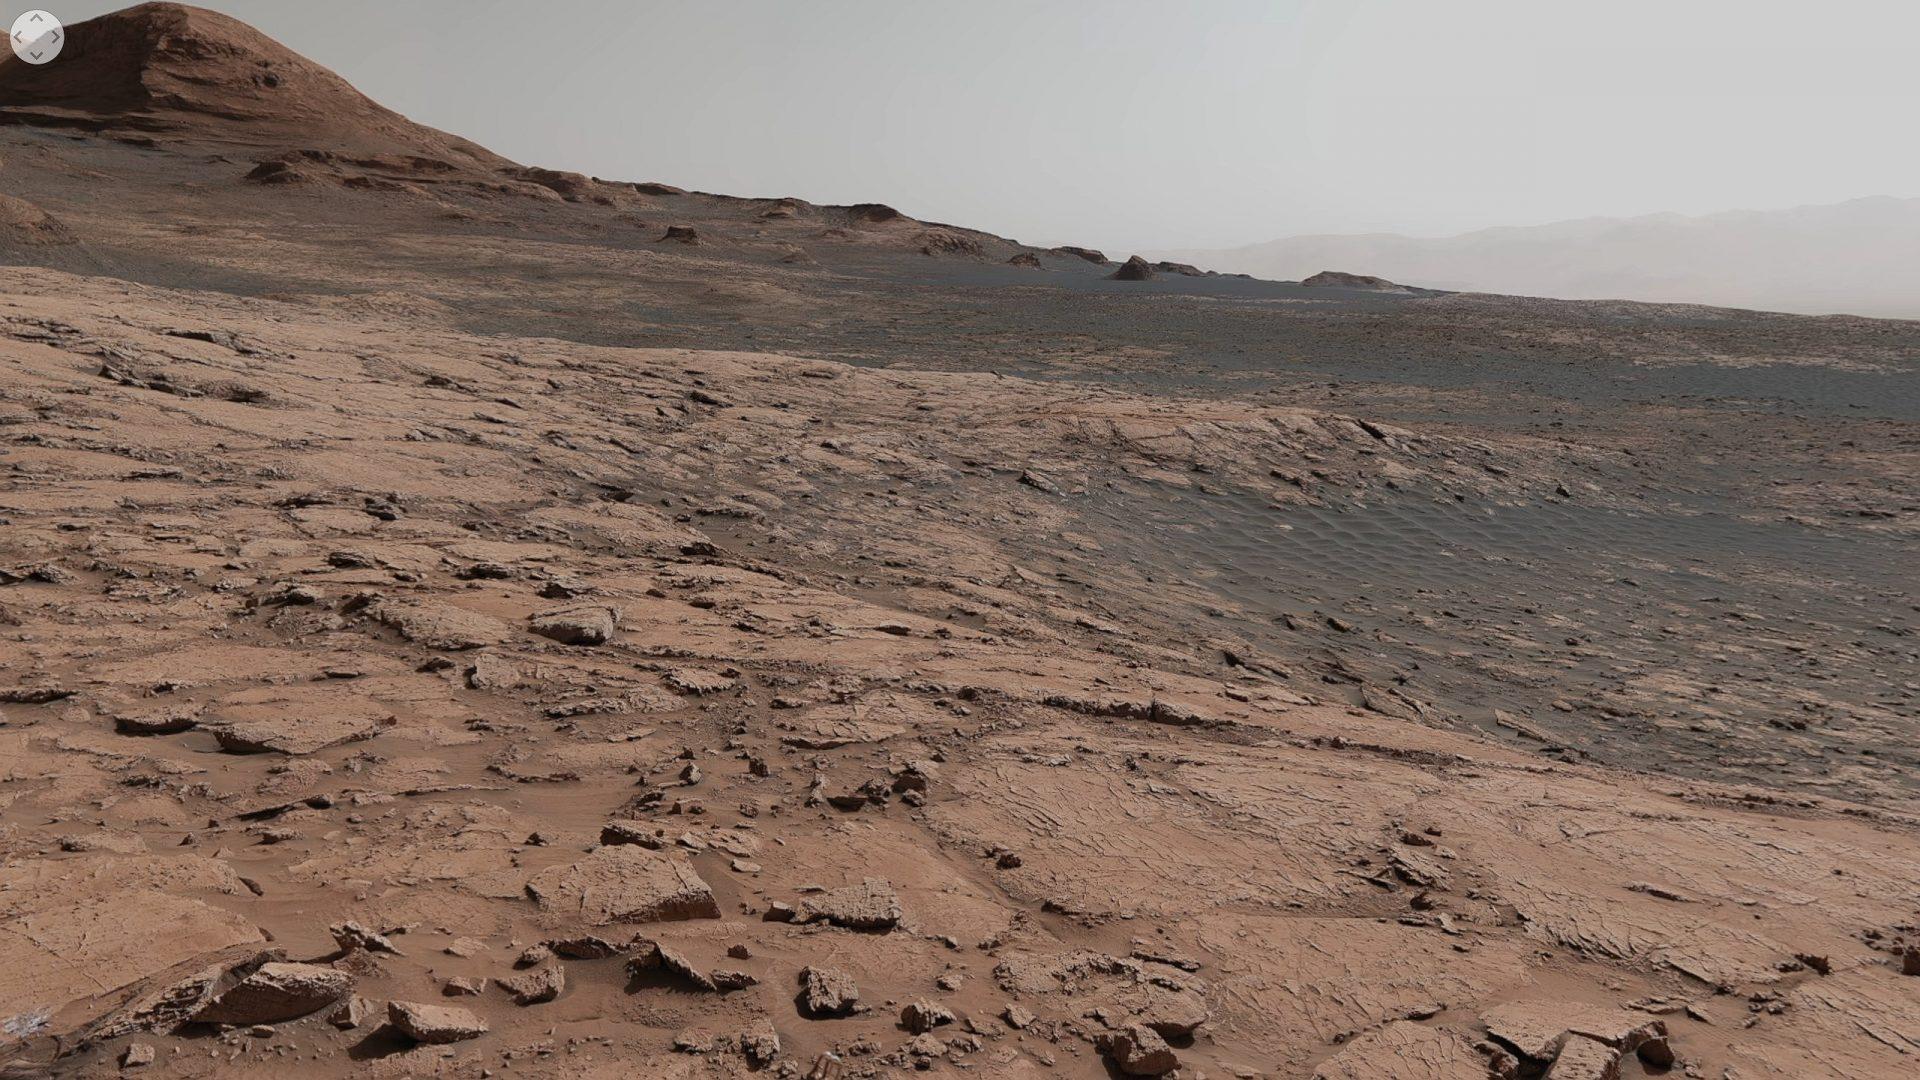 Vezi cum arată planeta Marte din perspectiva rover-ului Curiosity